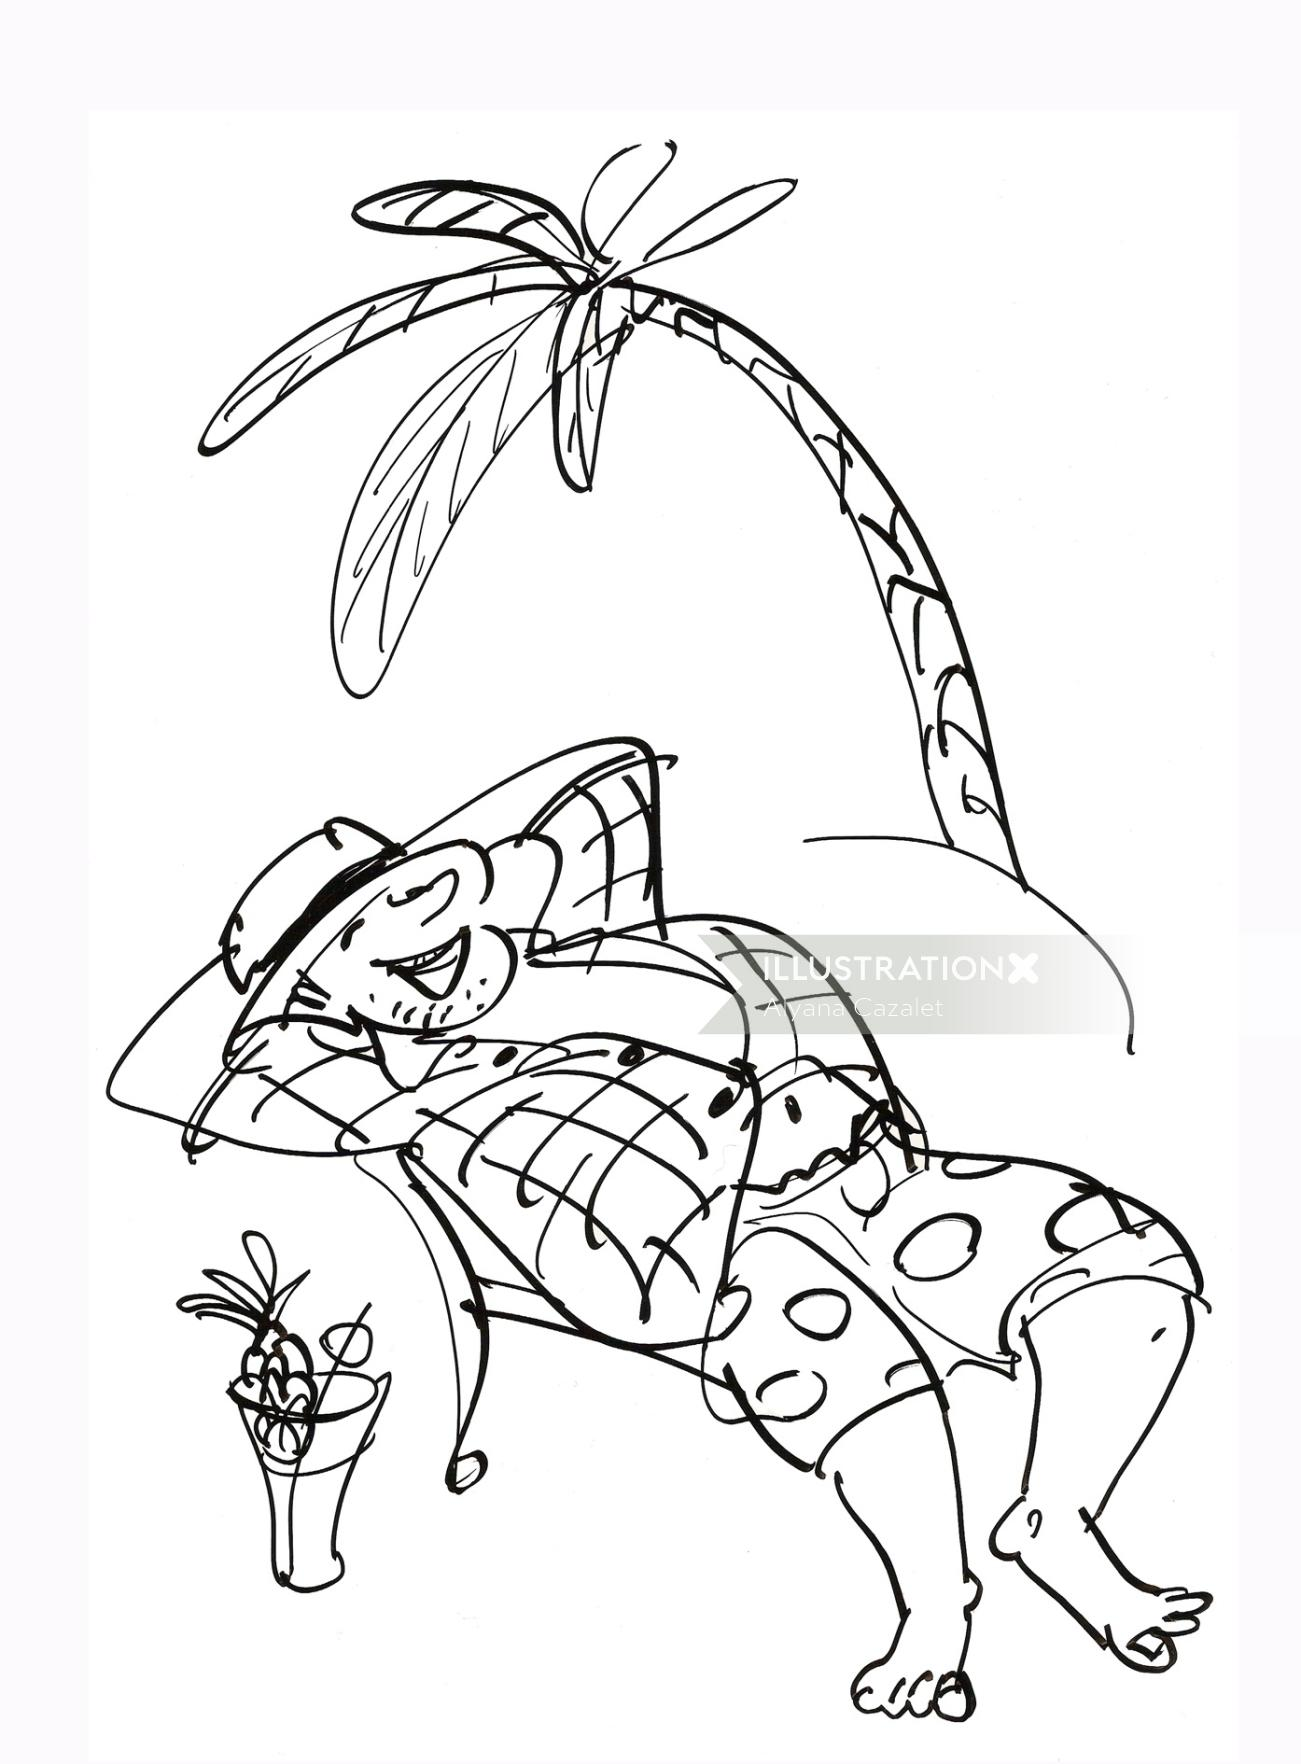 Man relaxing illustration - Cartoon illustration by Alyana Cazalet